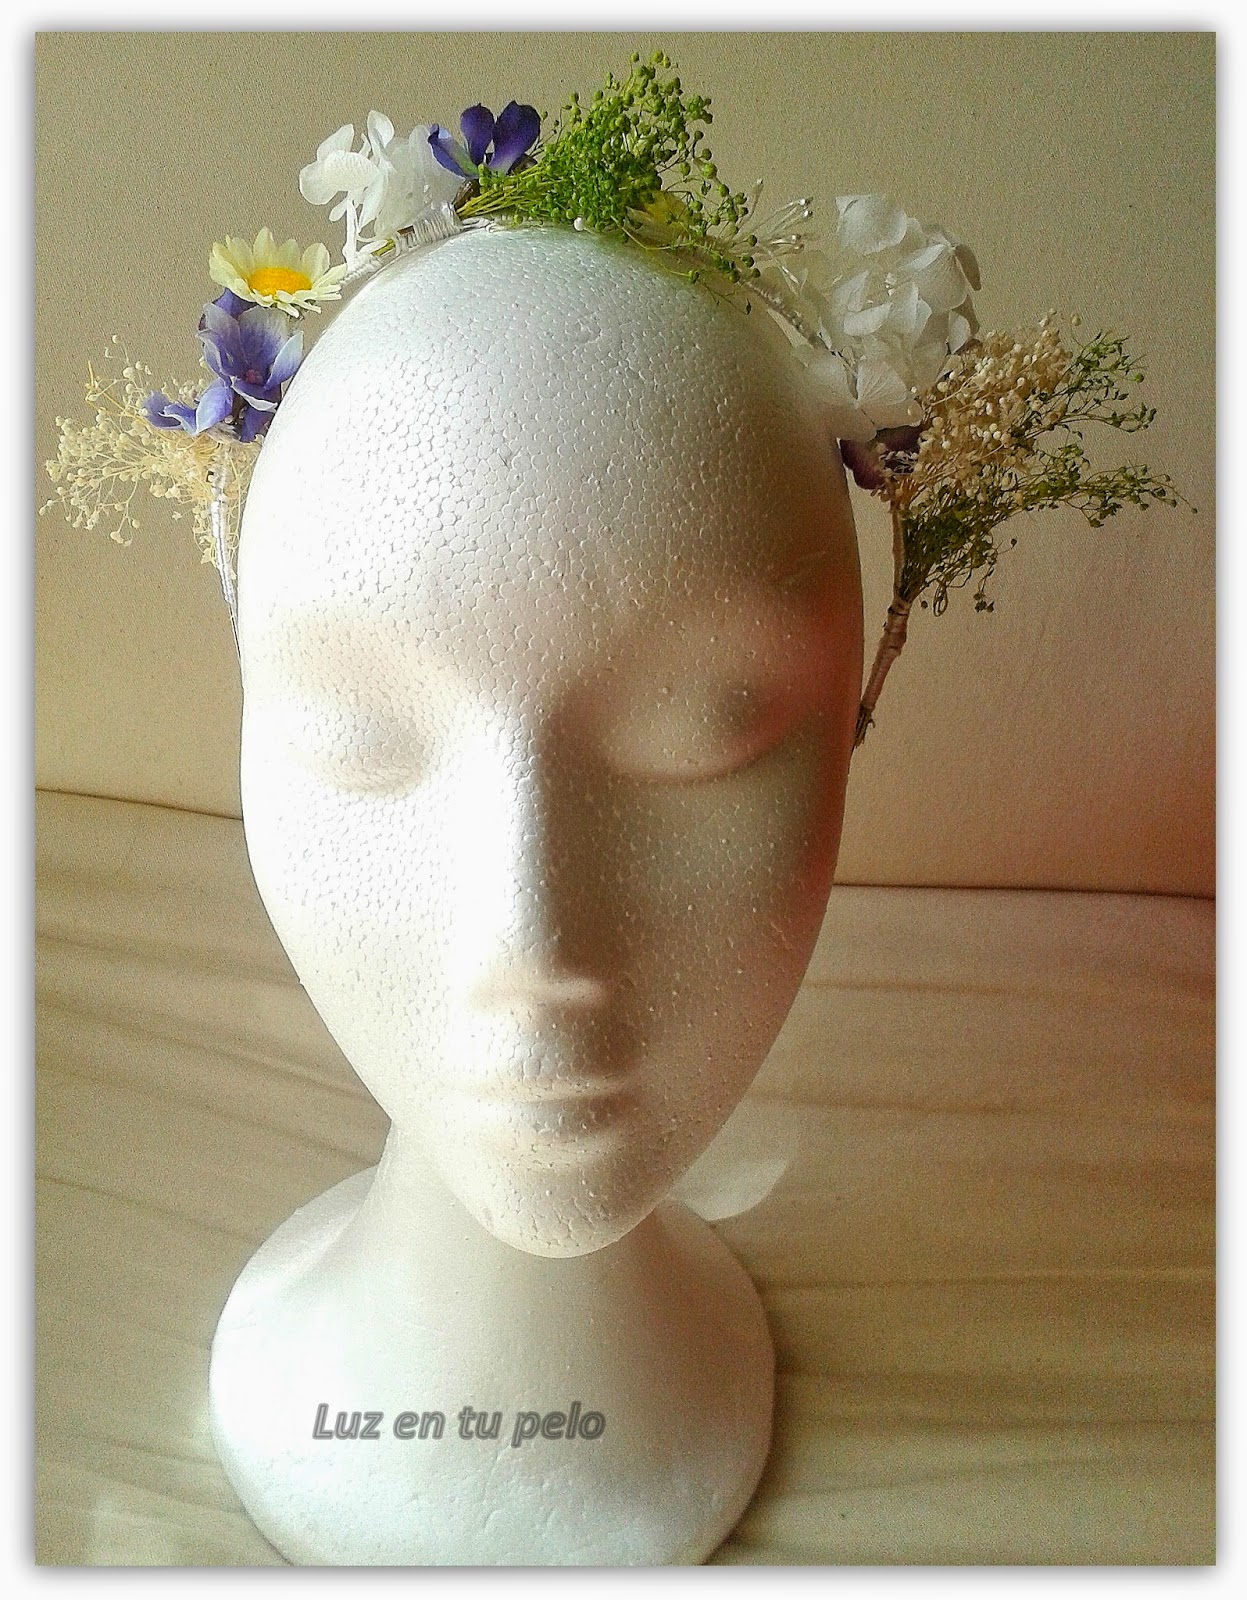 diadema de flores barata, diademas de comunión, diademas baratas, diademas para niñas, diademas para niñasde boda, diademas online, diademas económicas